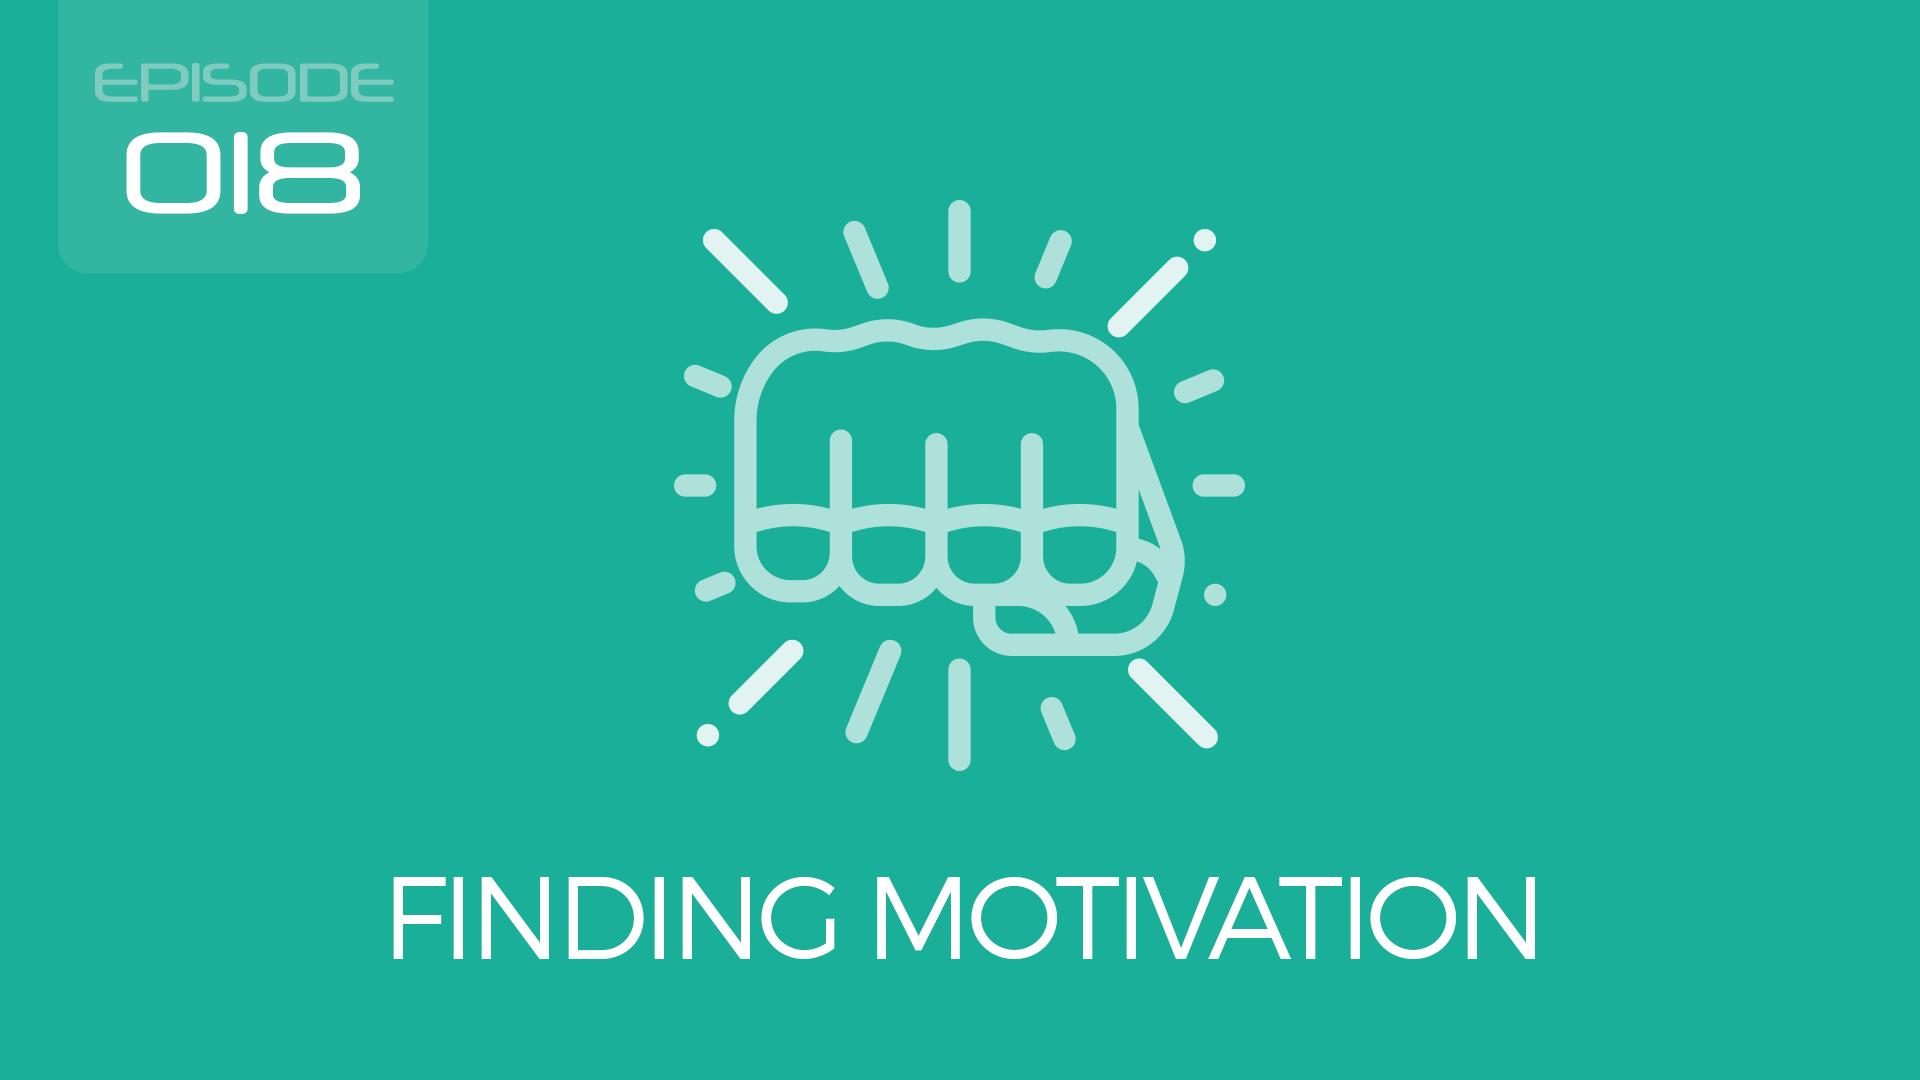 Episode 018 - Finding Motivation